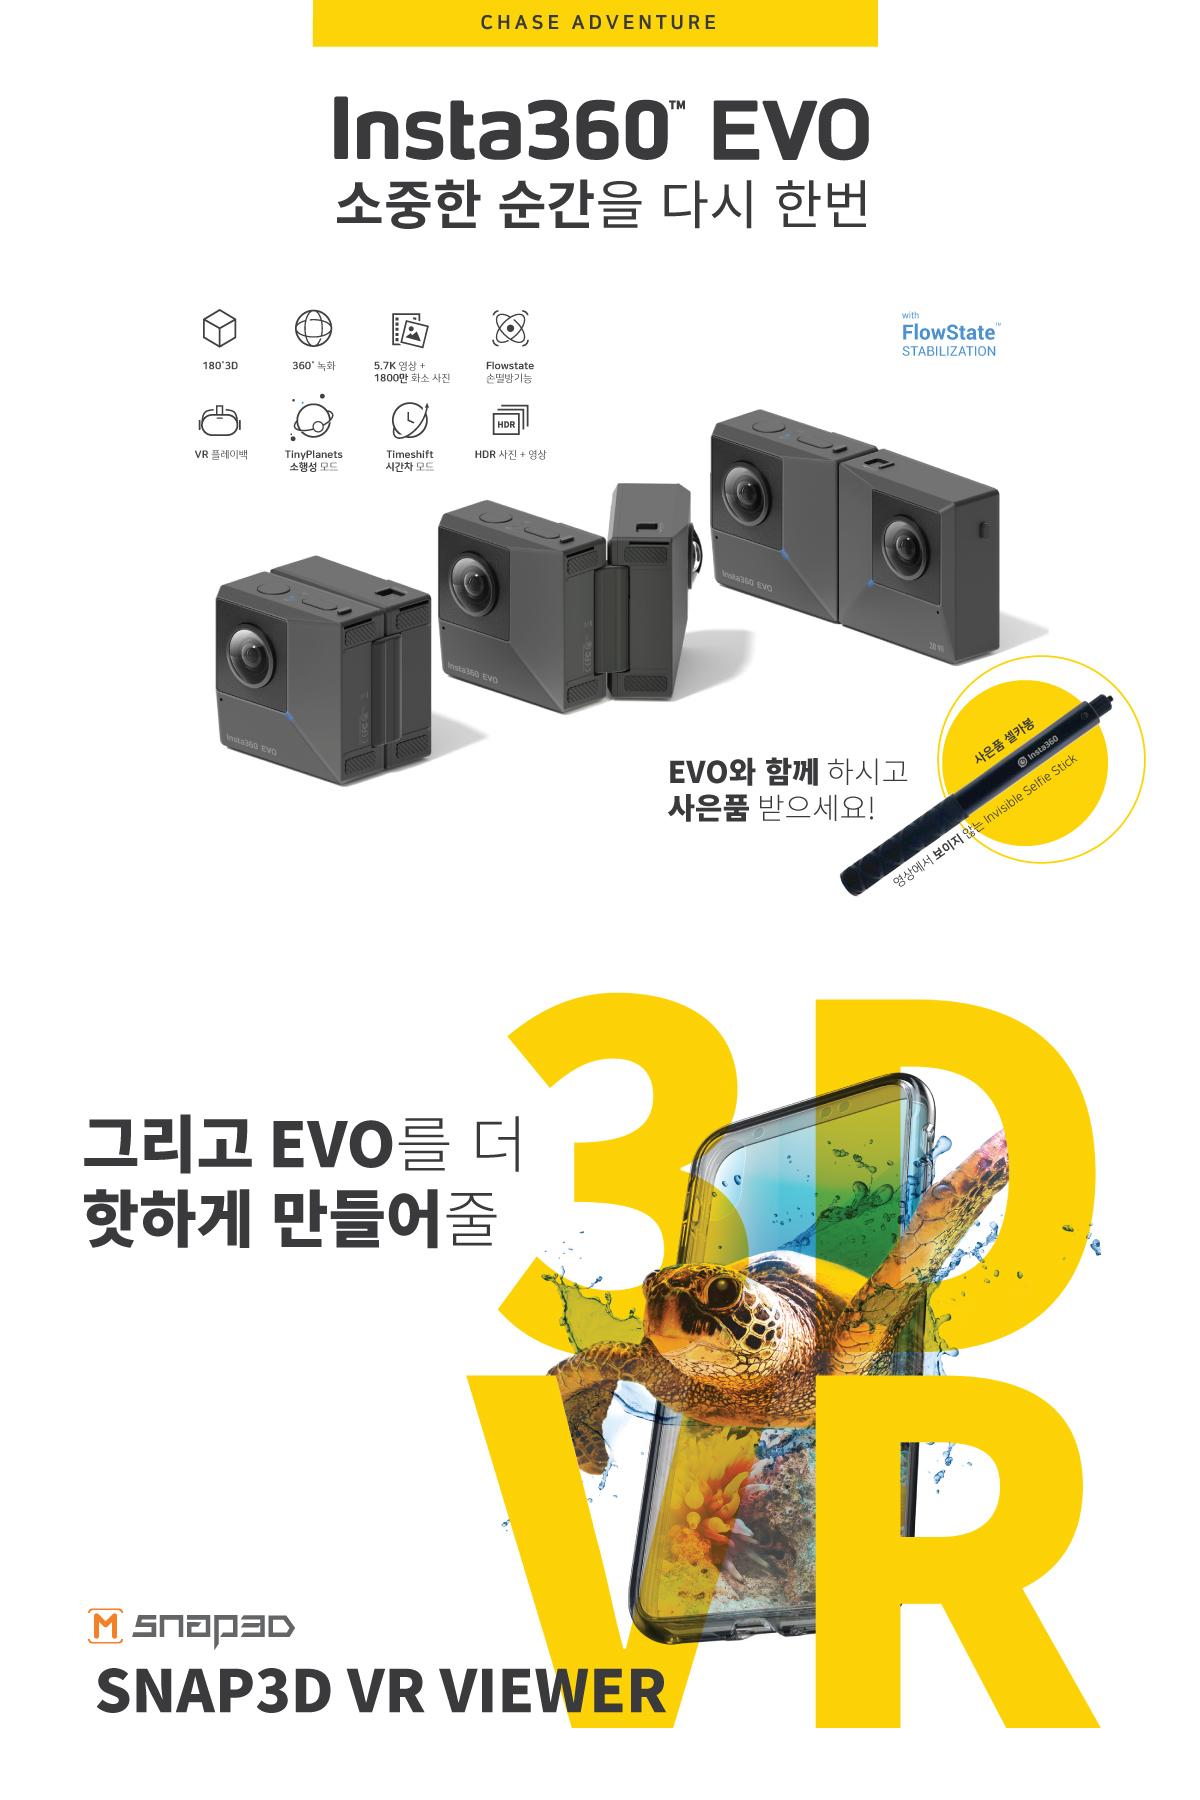 INSTA 360/EVO -360카메라의 끝! 180도 VR영상까지 특별한 추억을 다시한번!!